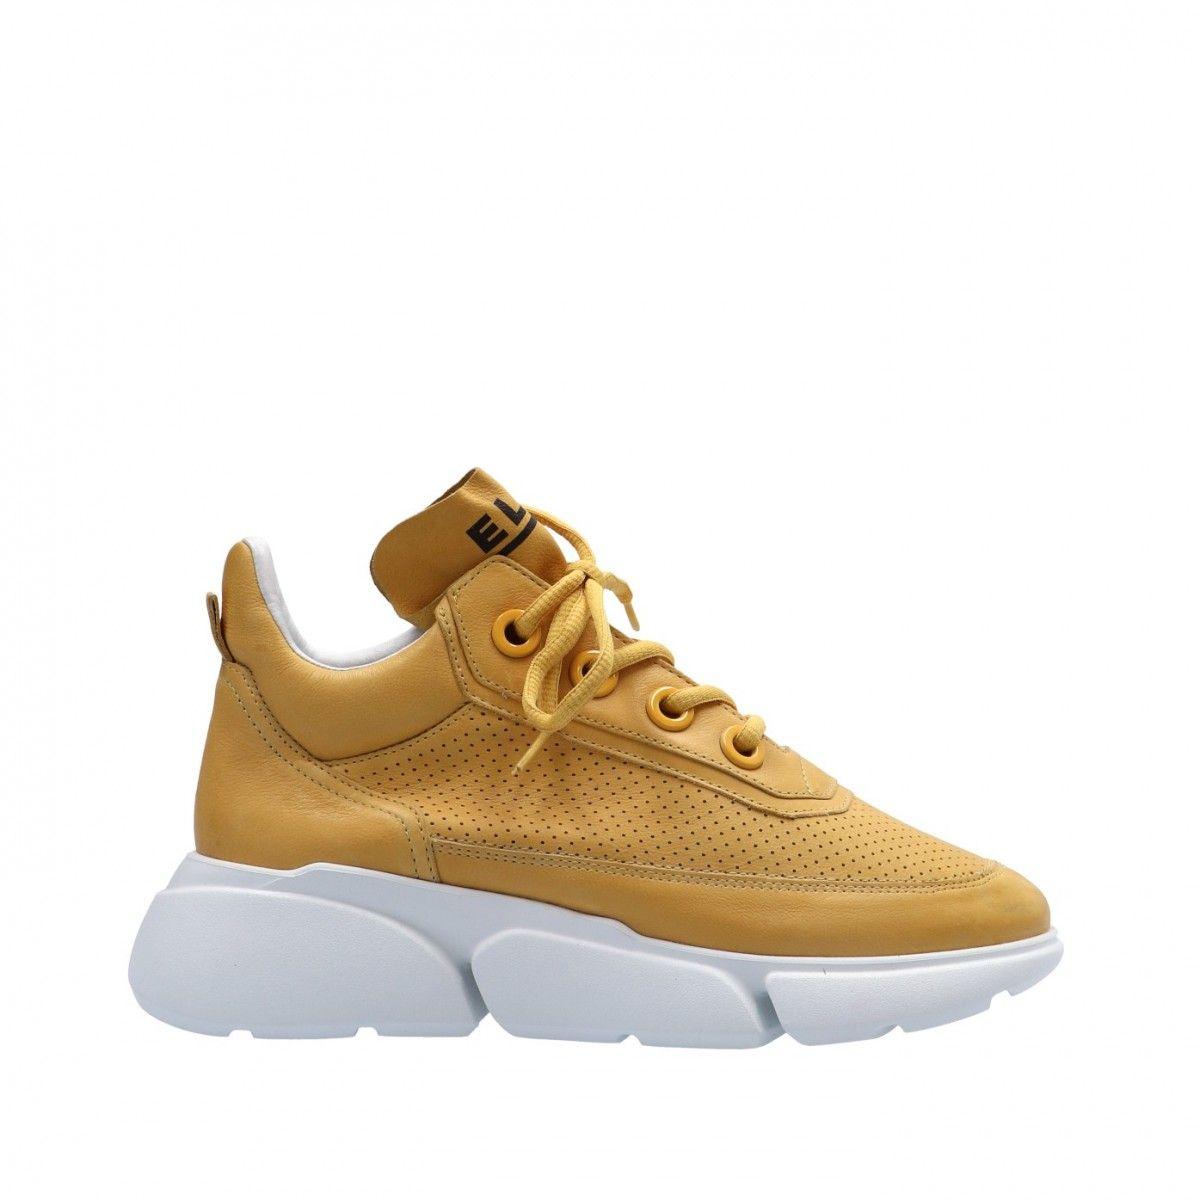 Elvio zanon Sneaker Ocra...